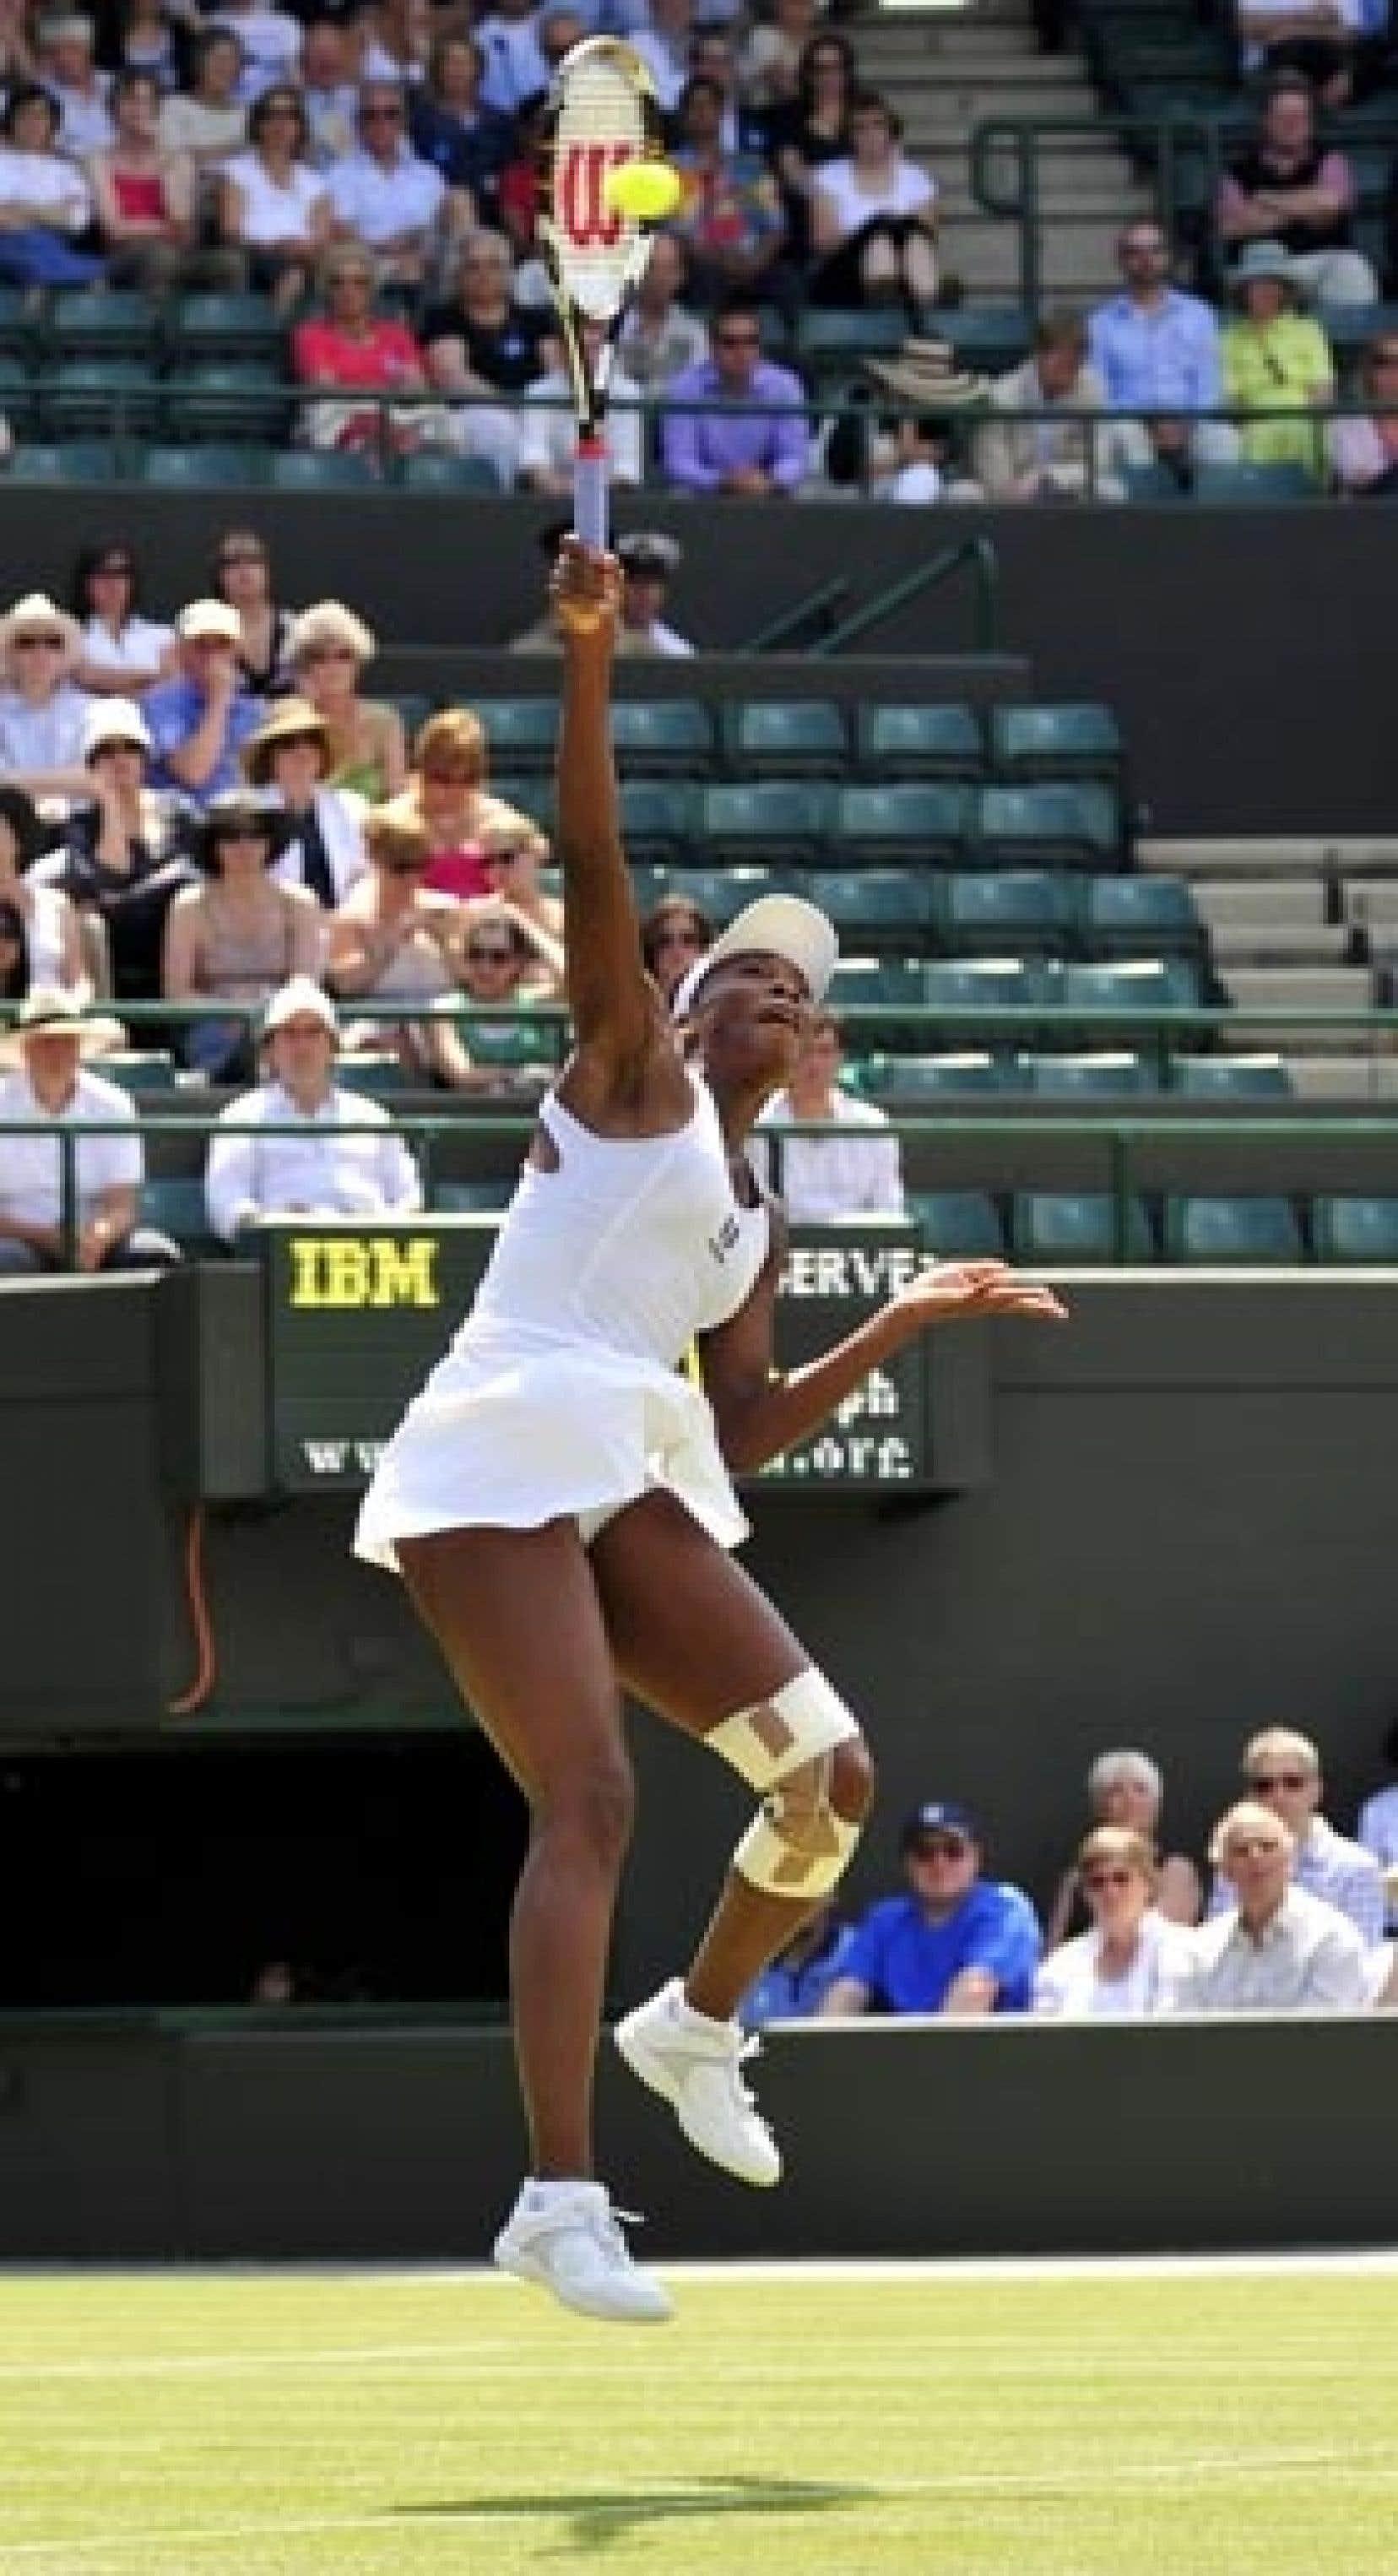 Lors du match qu'elle a gagné, Venus Williams jouait le genou entouré d'un bandage. La joueuse n'a pas fait état d'une blessure.